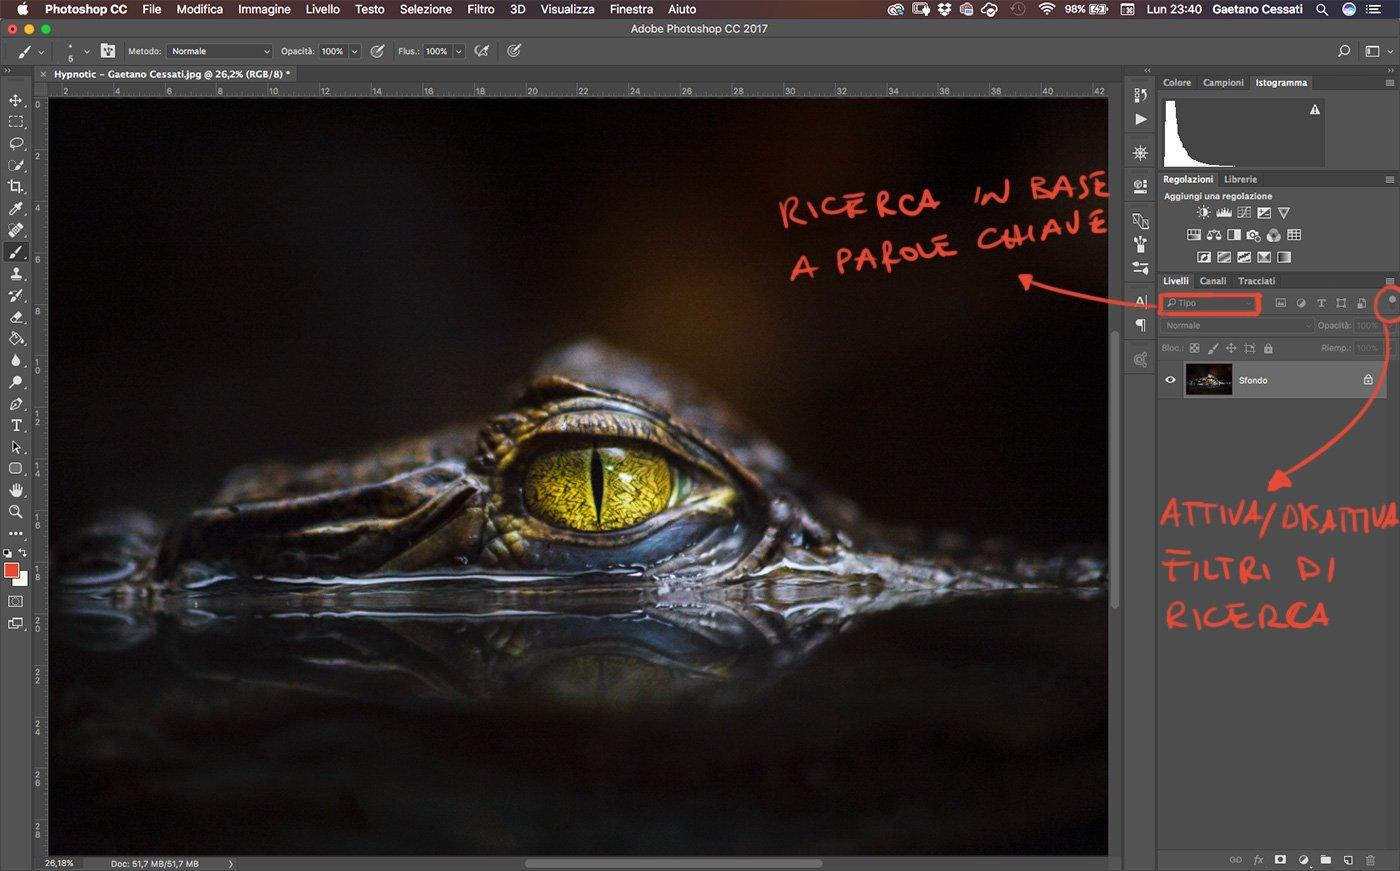 attiva e disattiva i filtri di ricerca dei livelli di photoshop